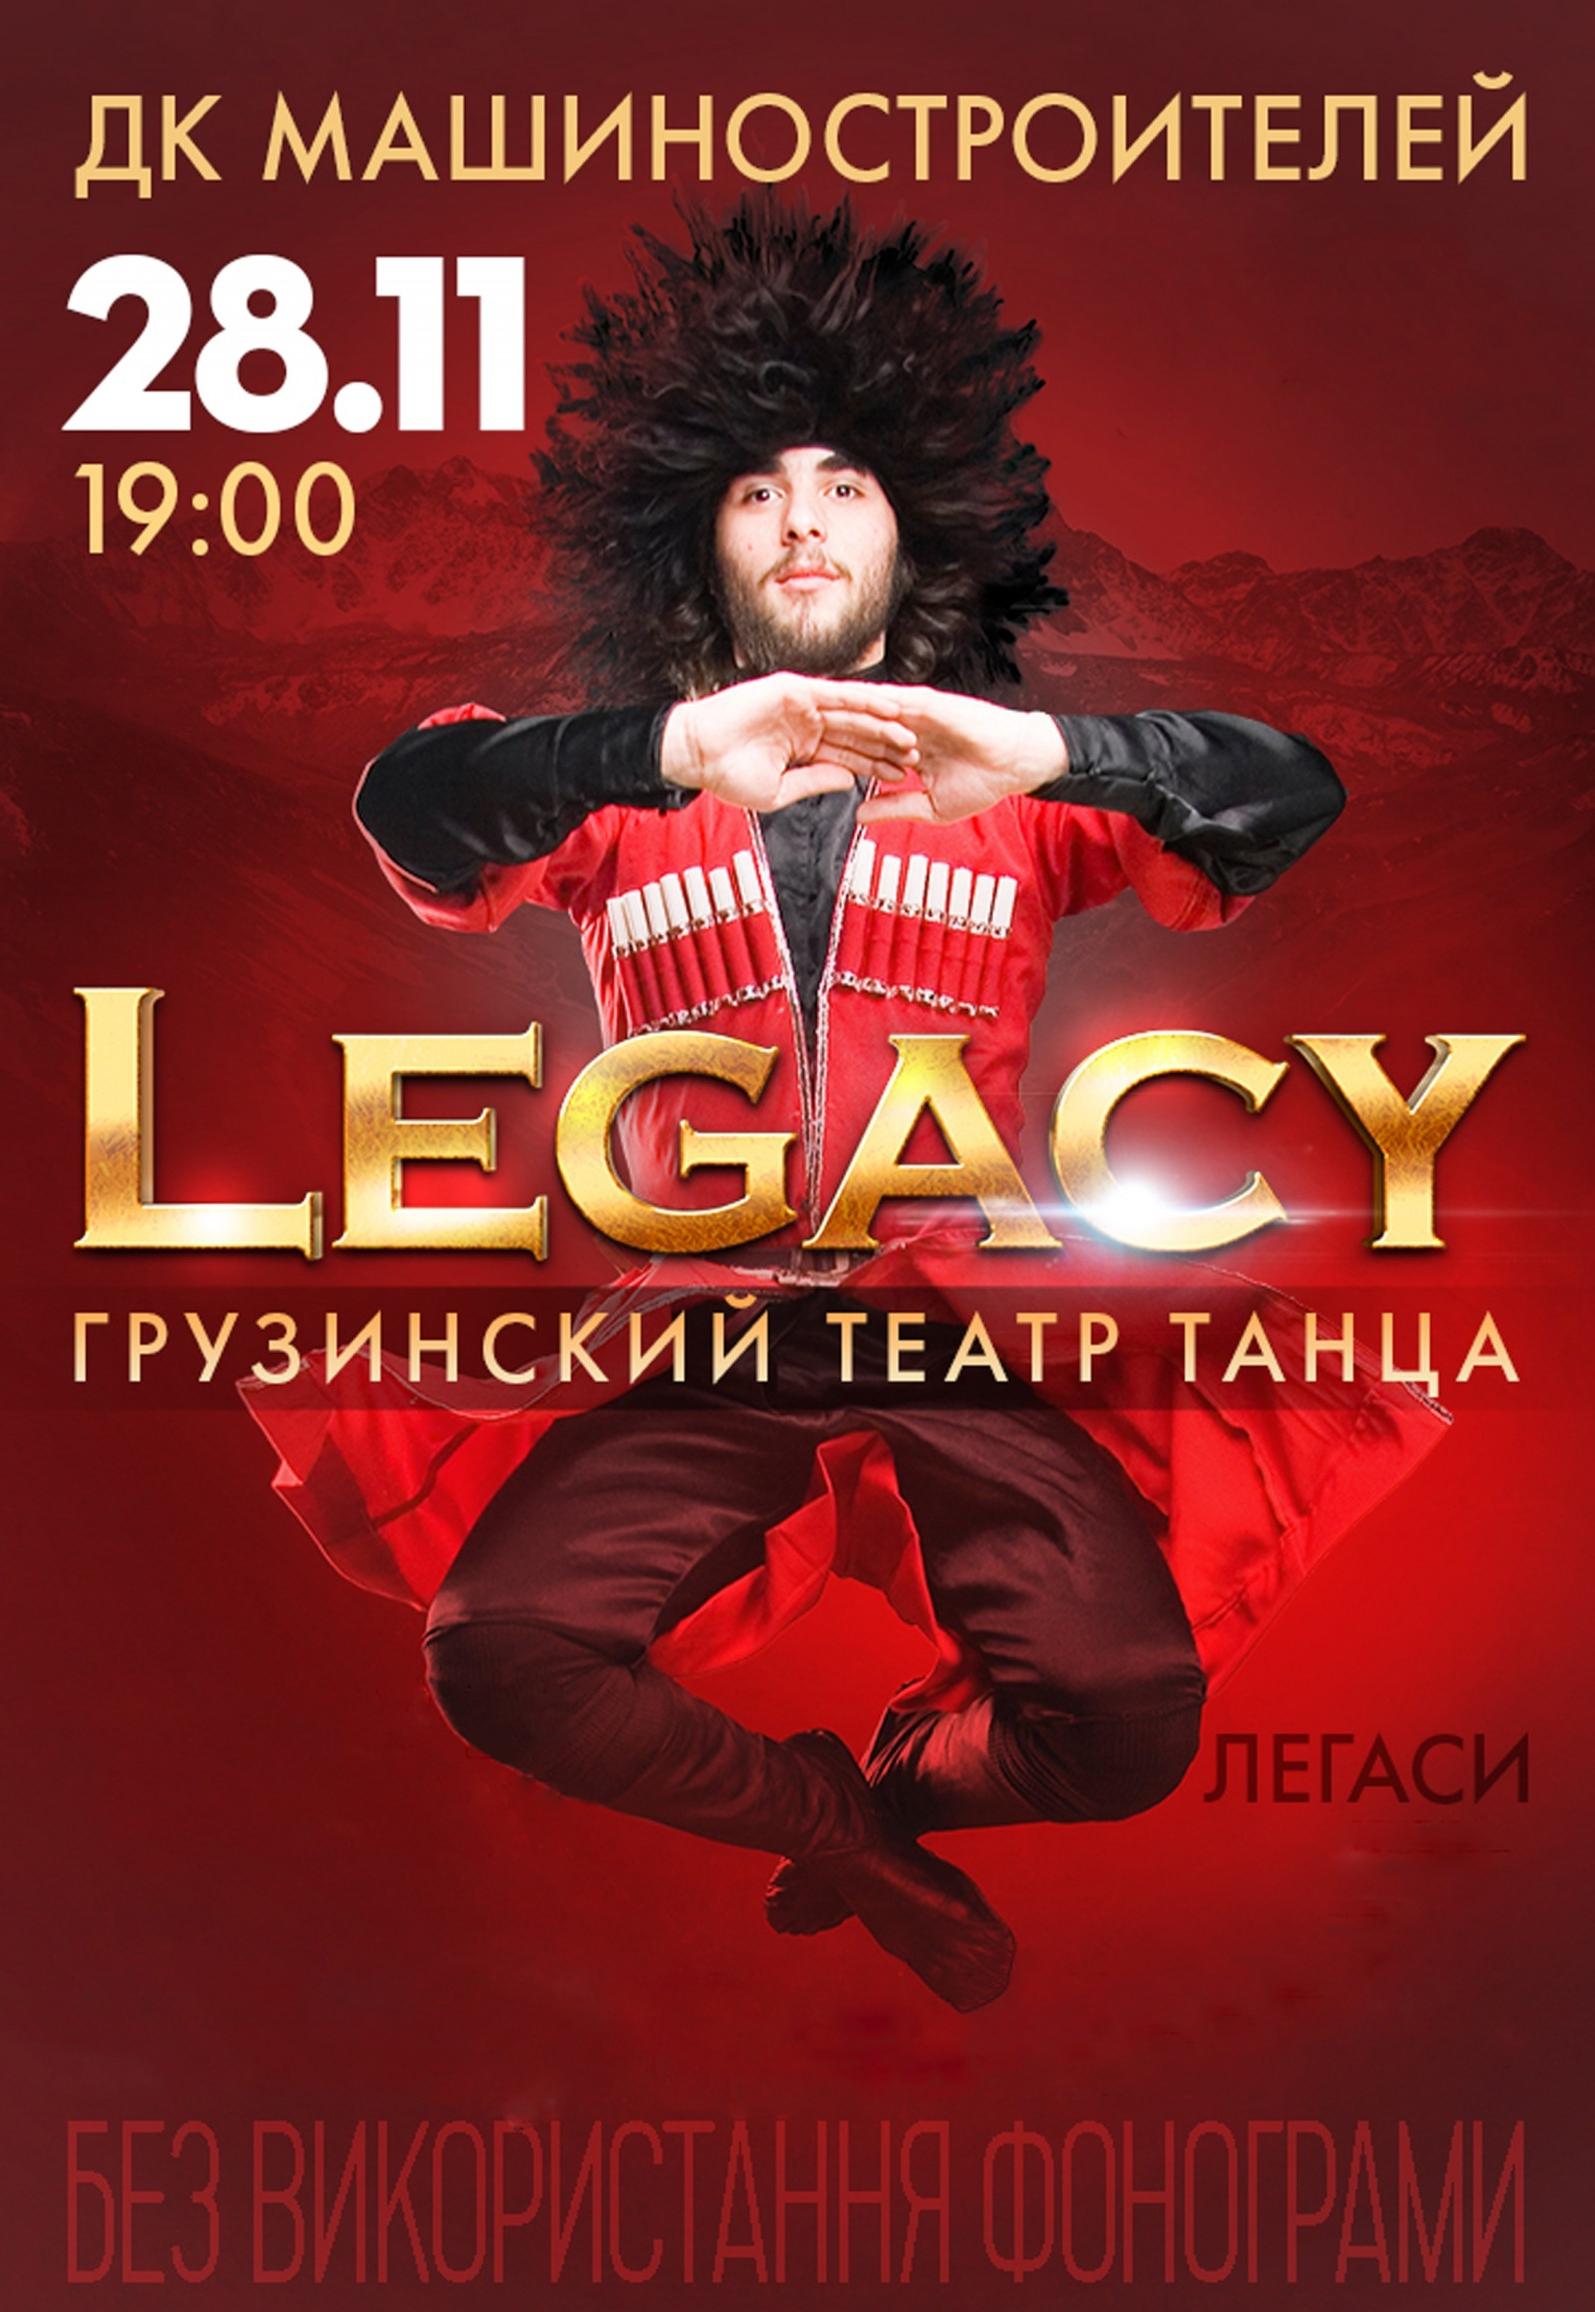 Европы театр купить билеты онлайн афиша театр москвы декабрь